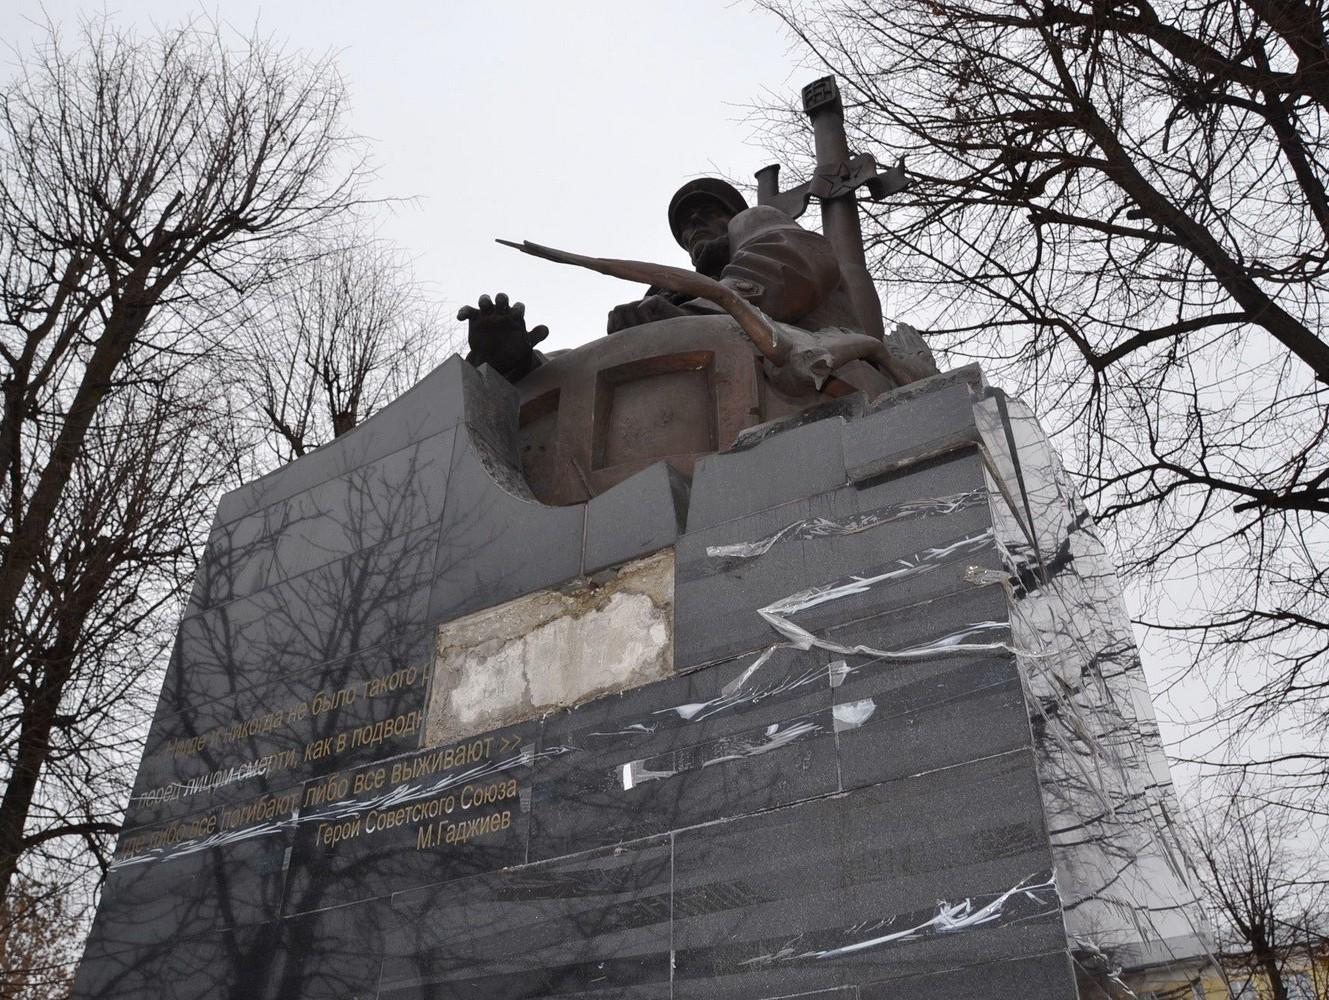 Где делают памятники тверь изготовление надгробных памятников цены ярославль